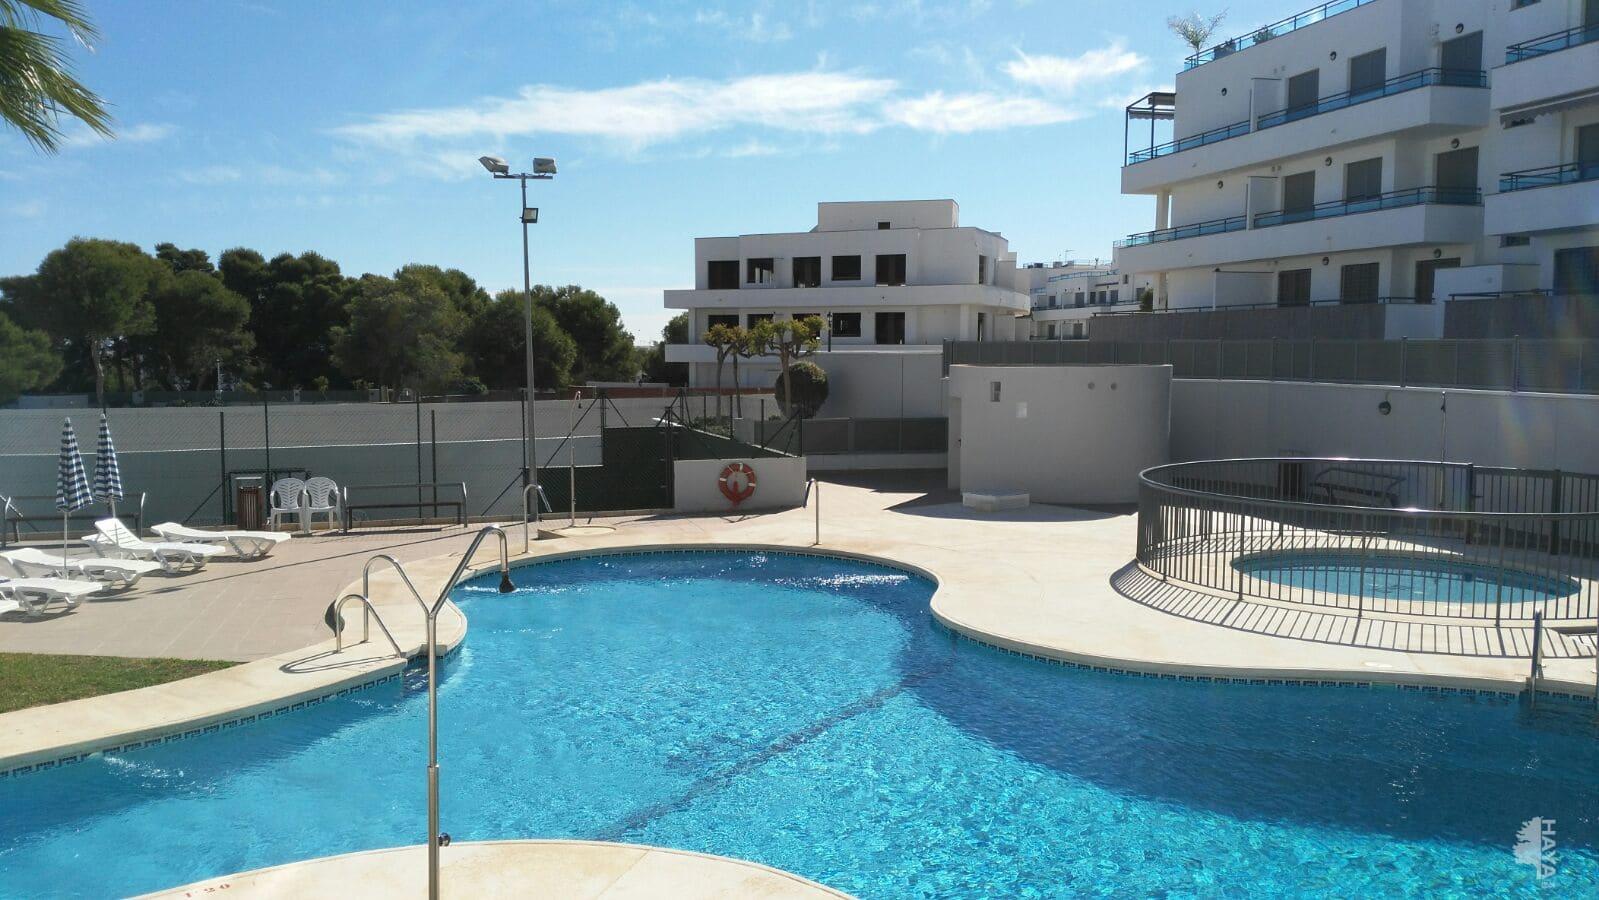 Piso en venta en Garrucha, Almería, Calle Murillo (pinar de Garrucha), B, 103.500 €, 2 habitaciones, 2 baños, 79 m2